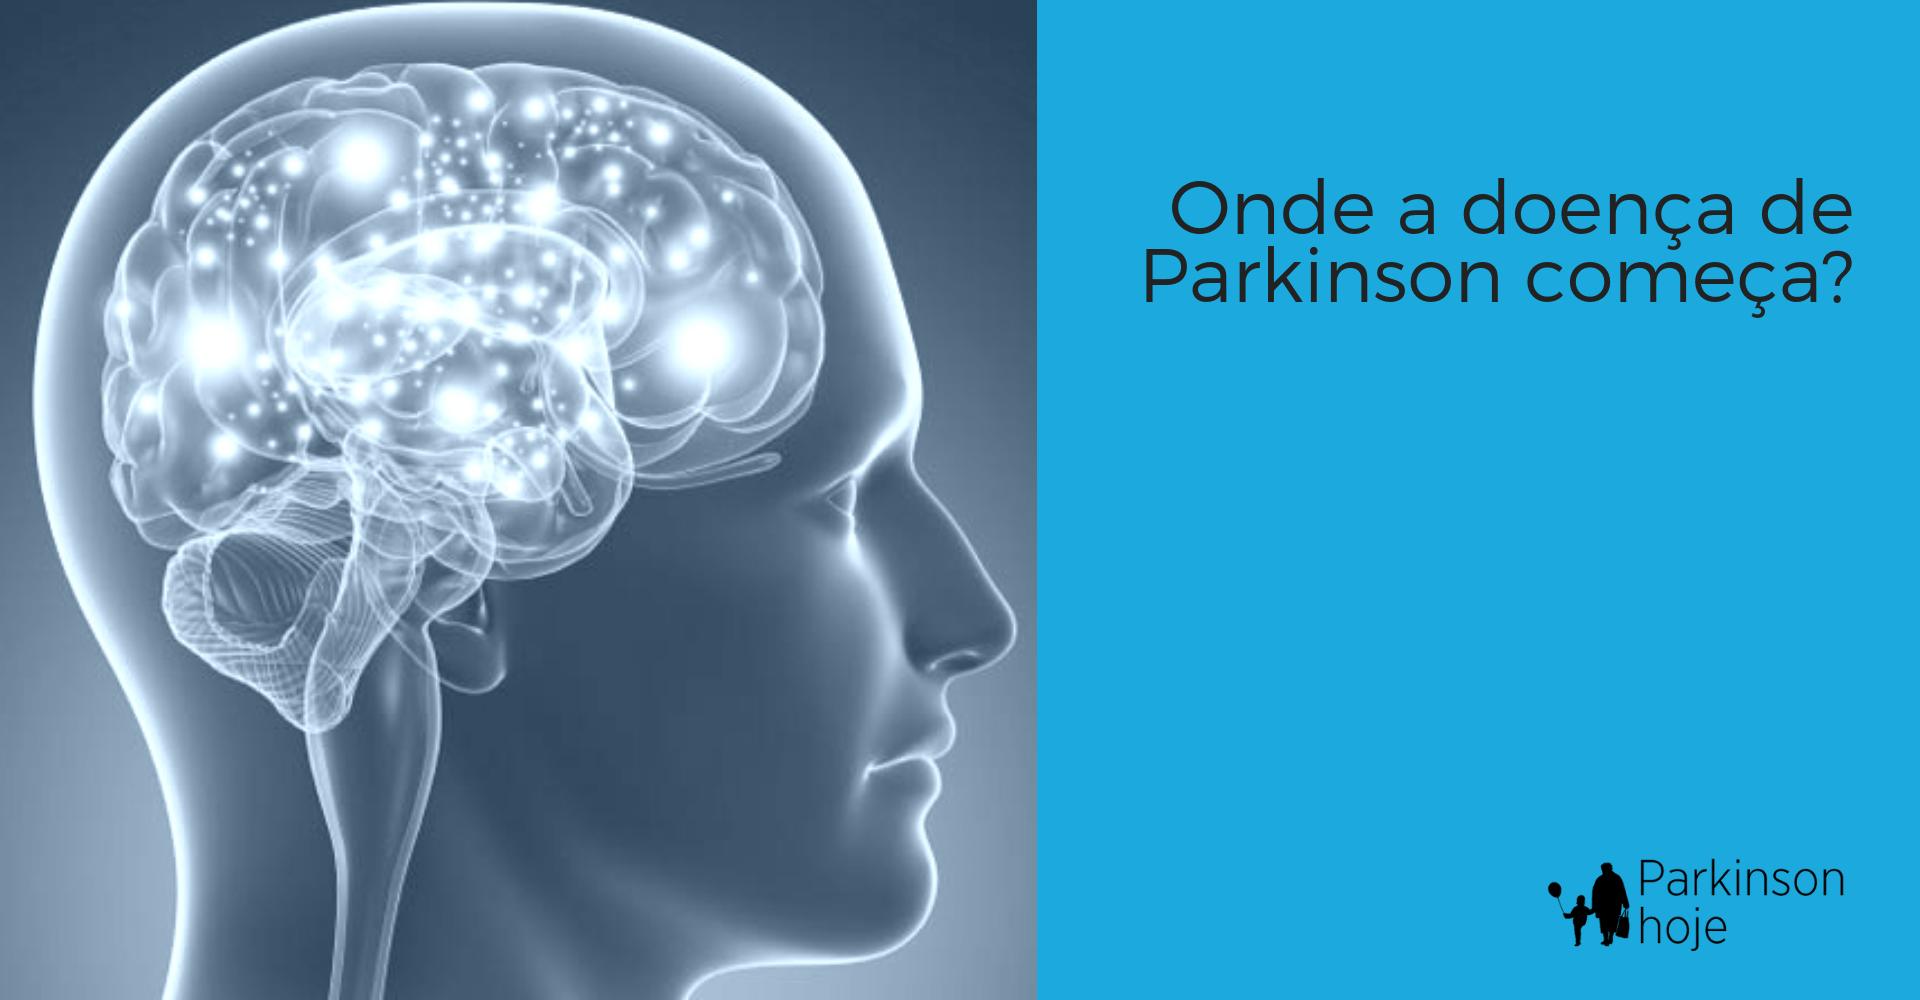 parkinson pode ter origem no apêndice